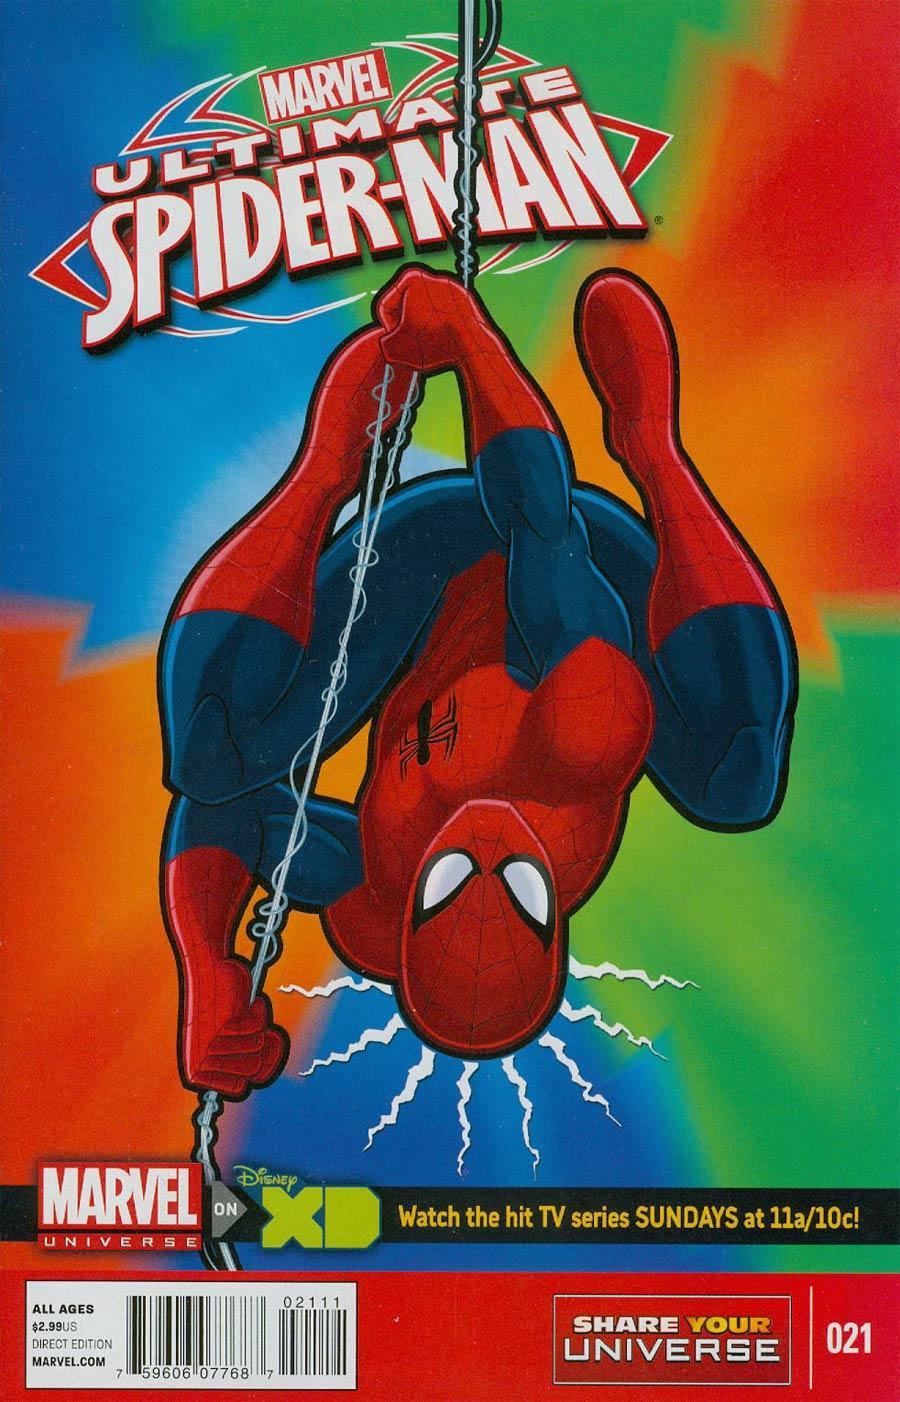 Marvel Universe Ultimate Spider-Man #21